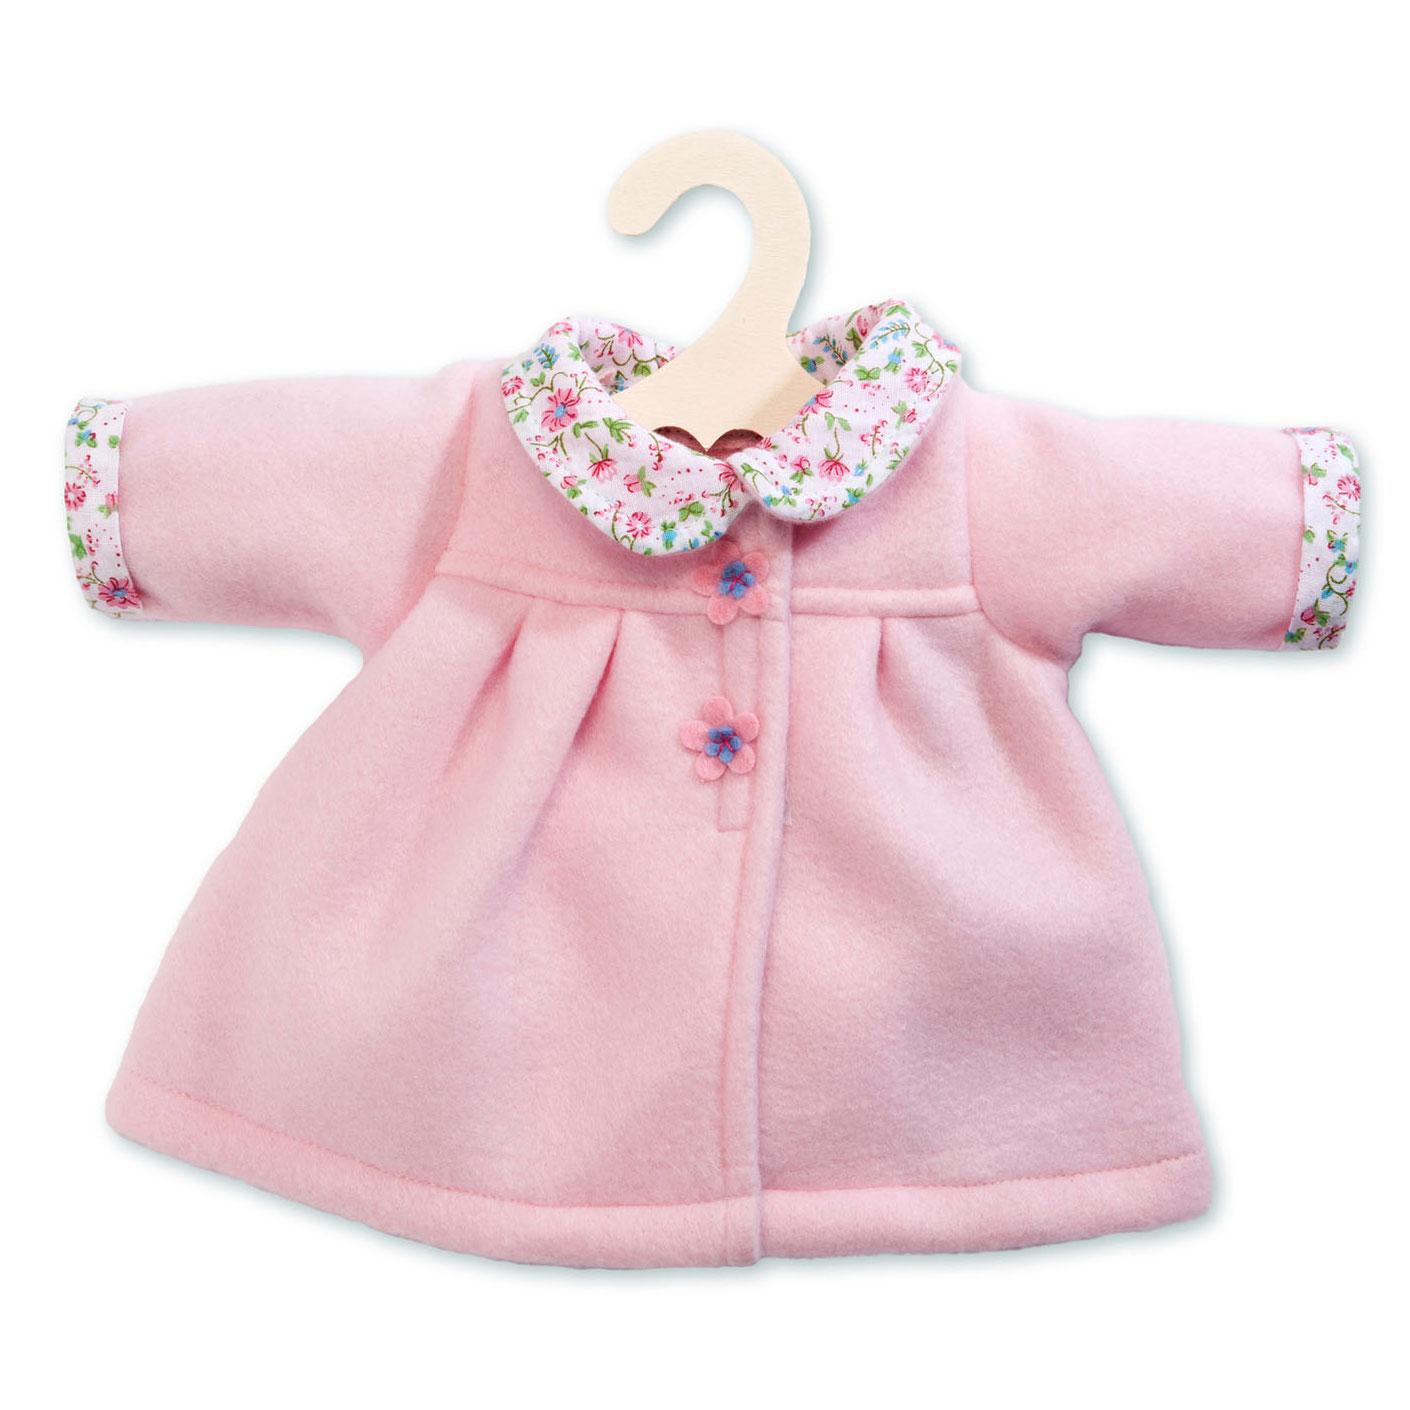 be7c37414c Játékbaba télikabát, 35-45 cm, rózsaszín